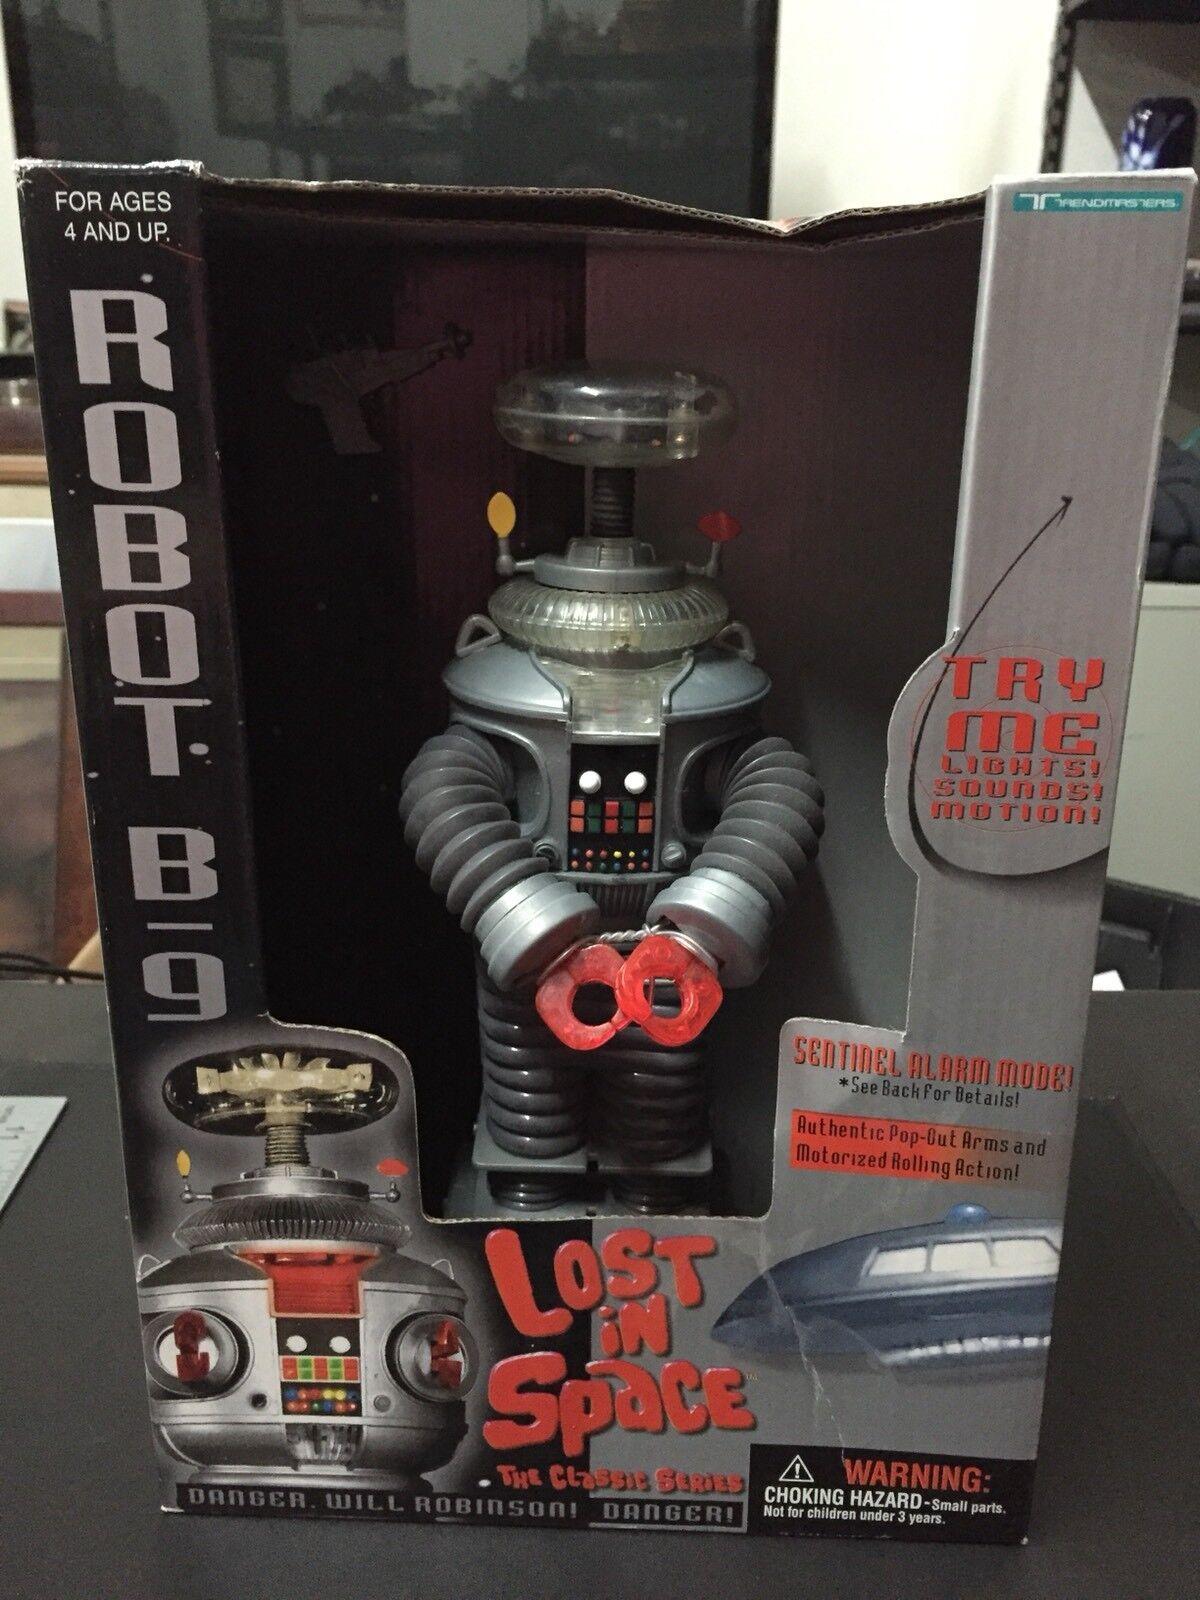 1997 Lost in spazio The classeic Series Robot B9